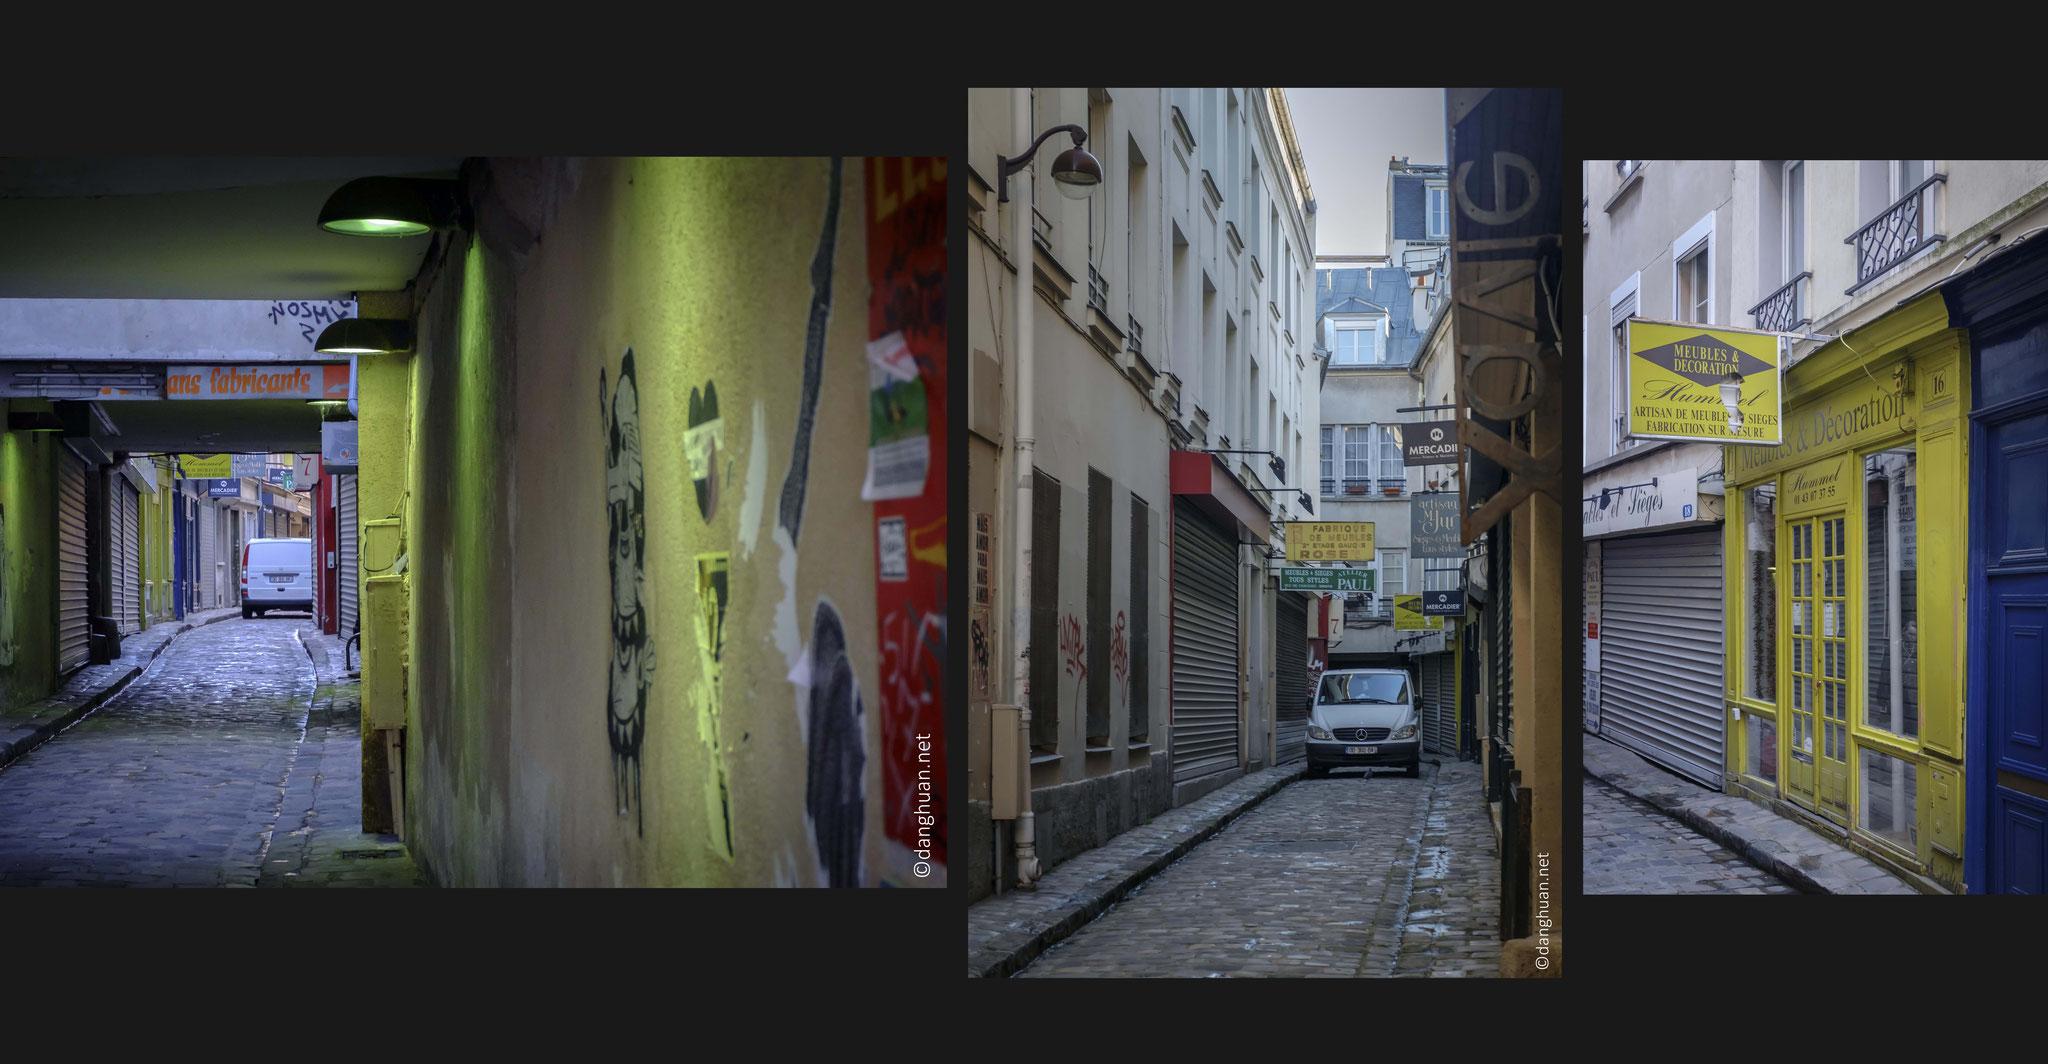 Aujourd'hui, héritière de la tradition du faubourg, cette voie accueille encore de nombreux marchands de meubles